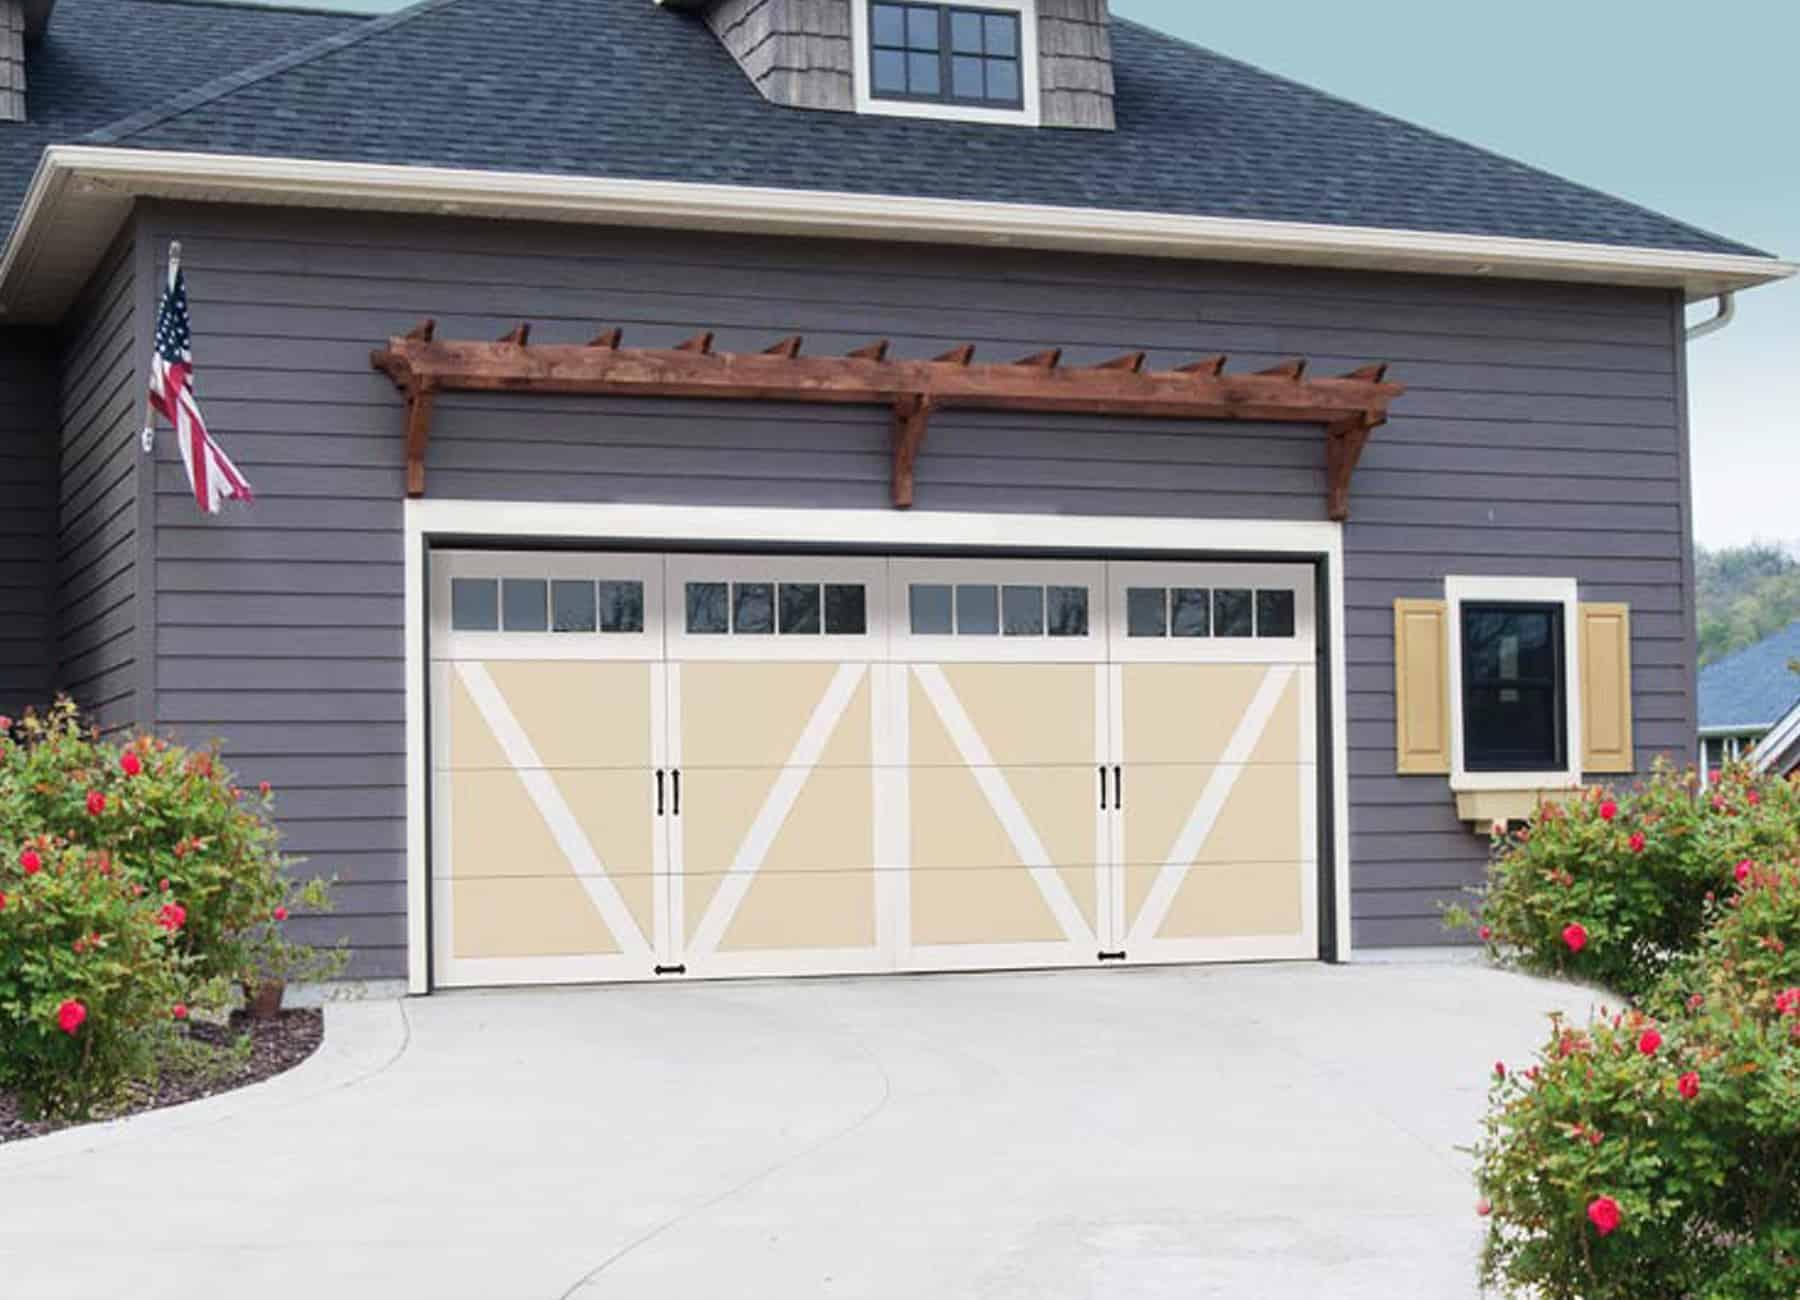 , Courtyard Wind Load Garage Doors, Overhead Door Company of Battle Creek & Jackson, Overhead Door Company of Battle Creek & Jackson